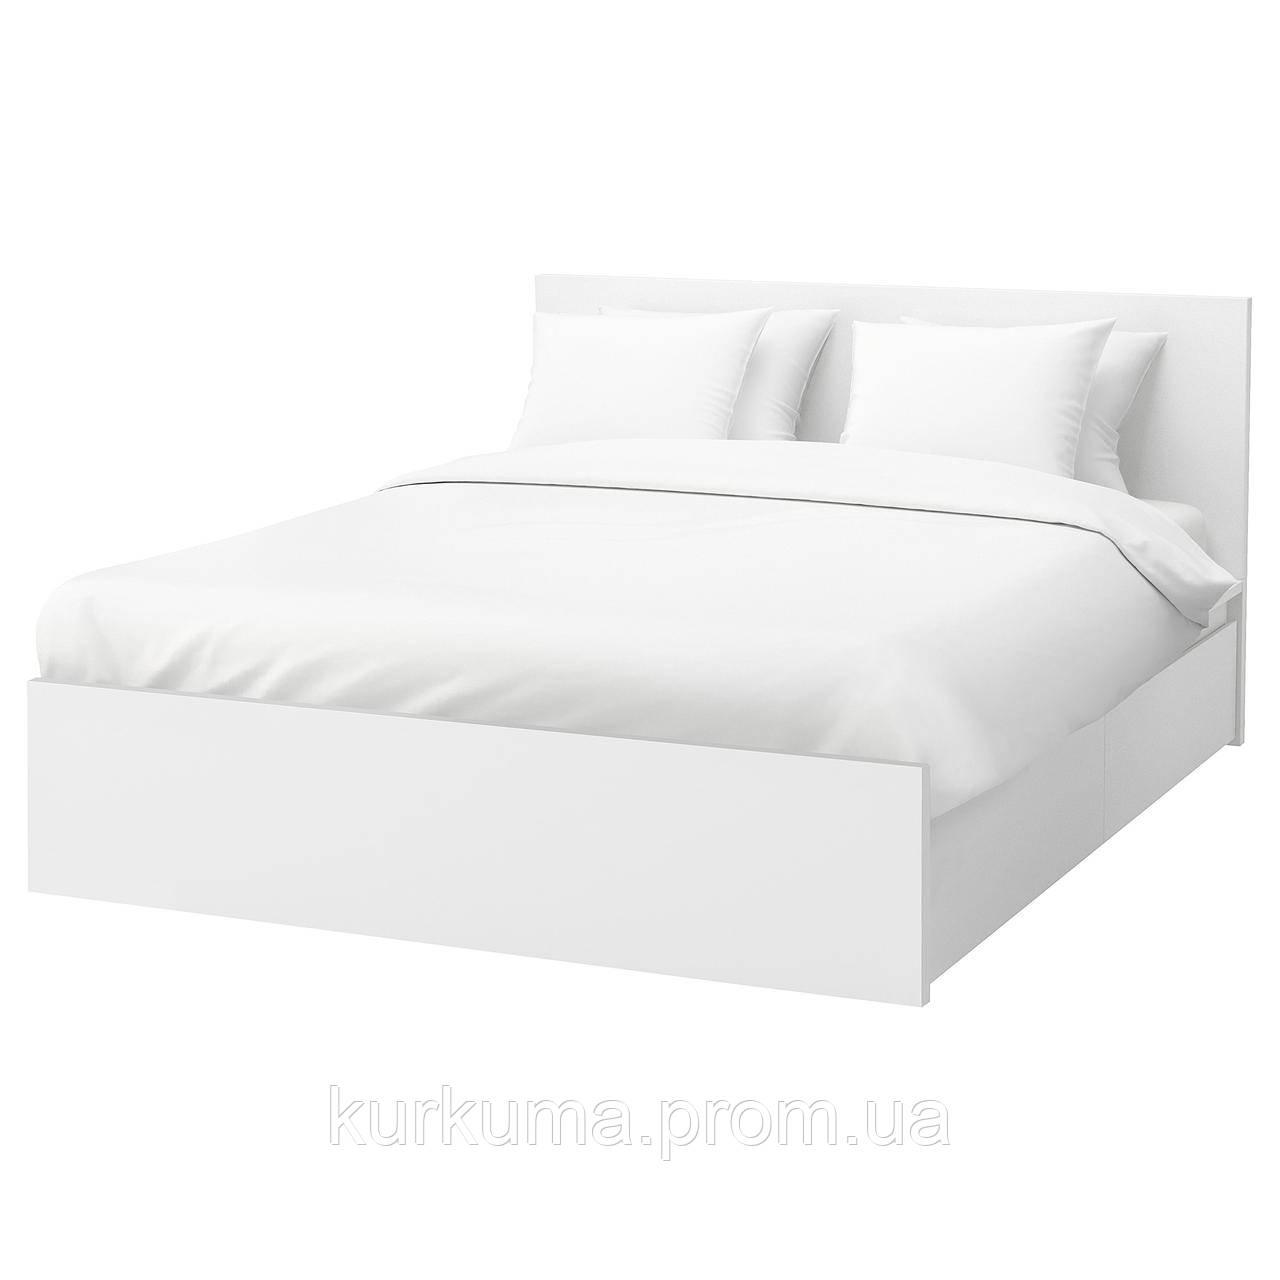 IKEA MALM Кровать высокая, 4 ящика, белый, Лонсет  (790.192.28)